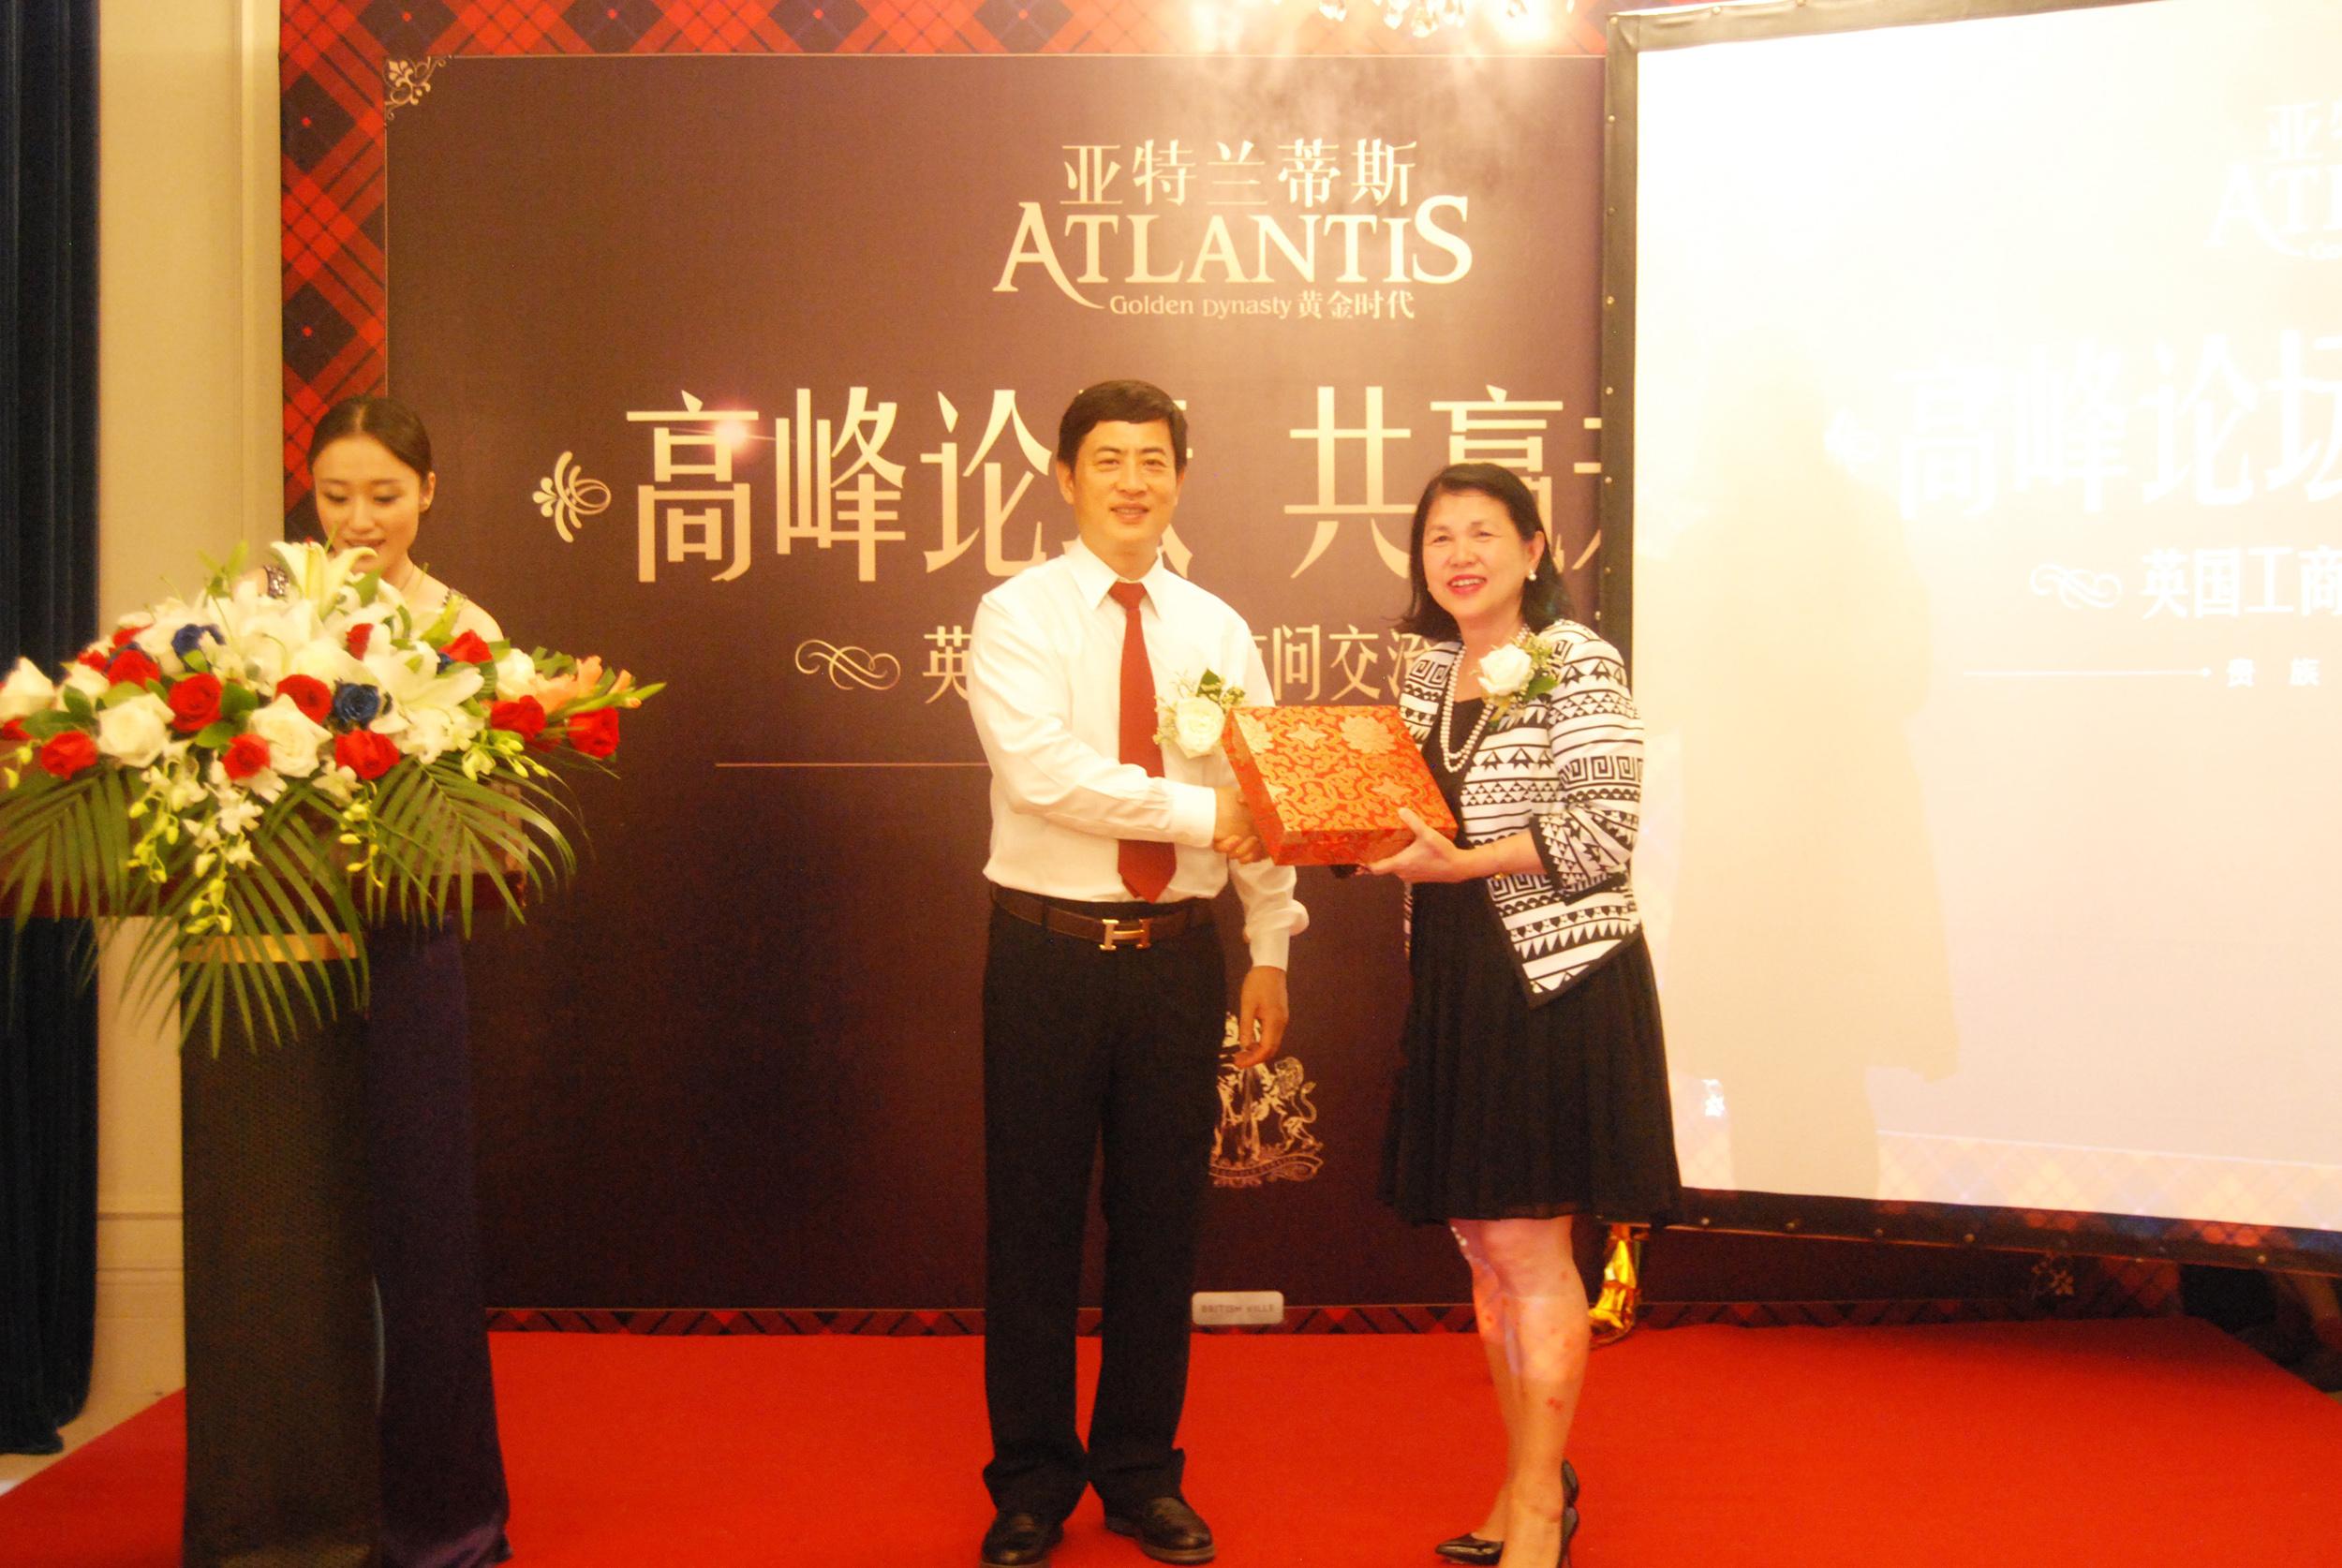 陈斌总裁与英国女王发言人、英国工商联MeiSim Lai爵士(女)互赠礼物